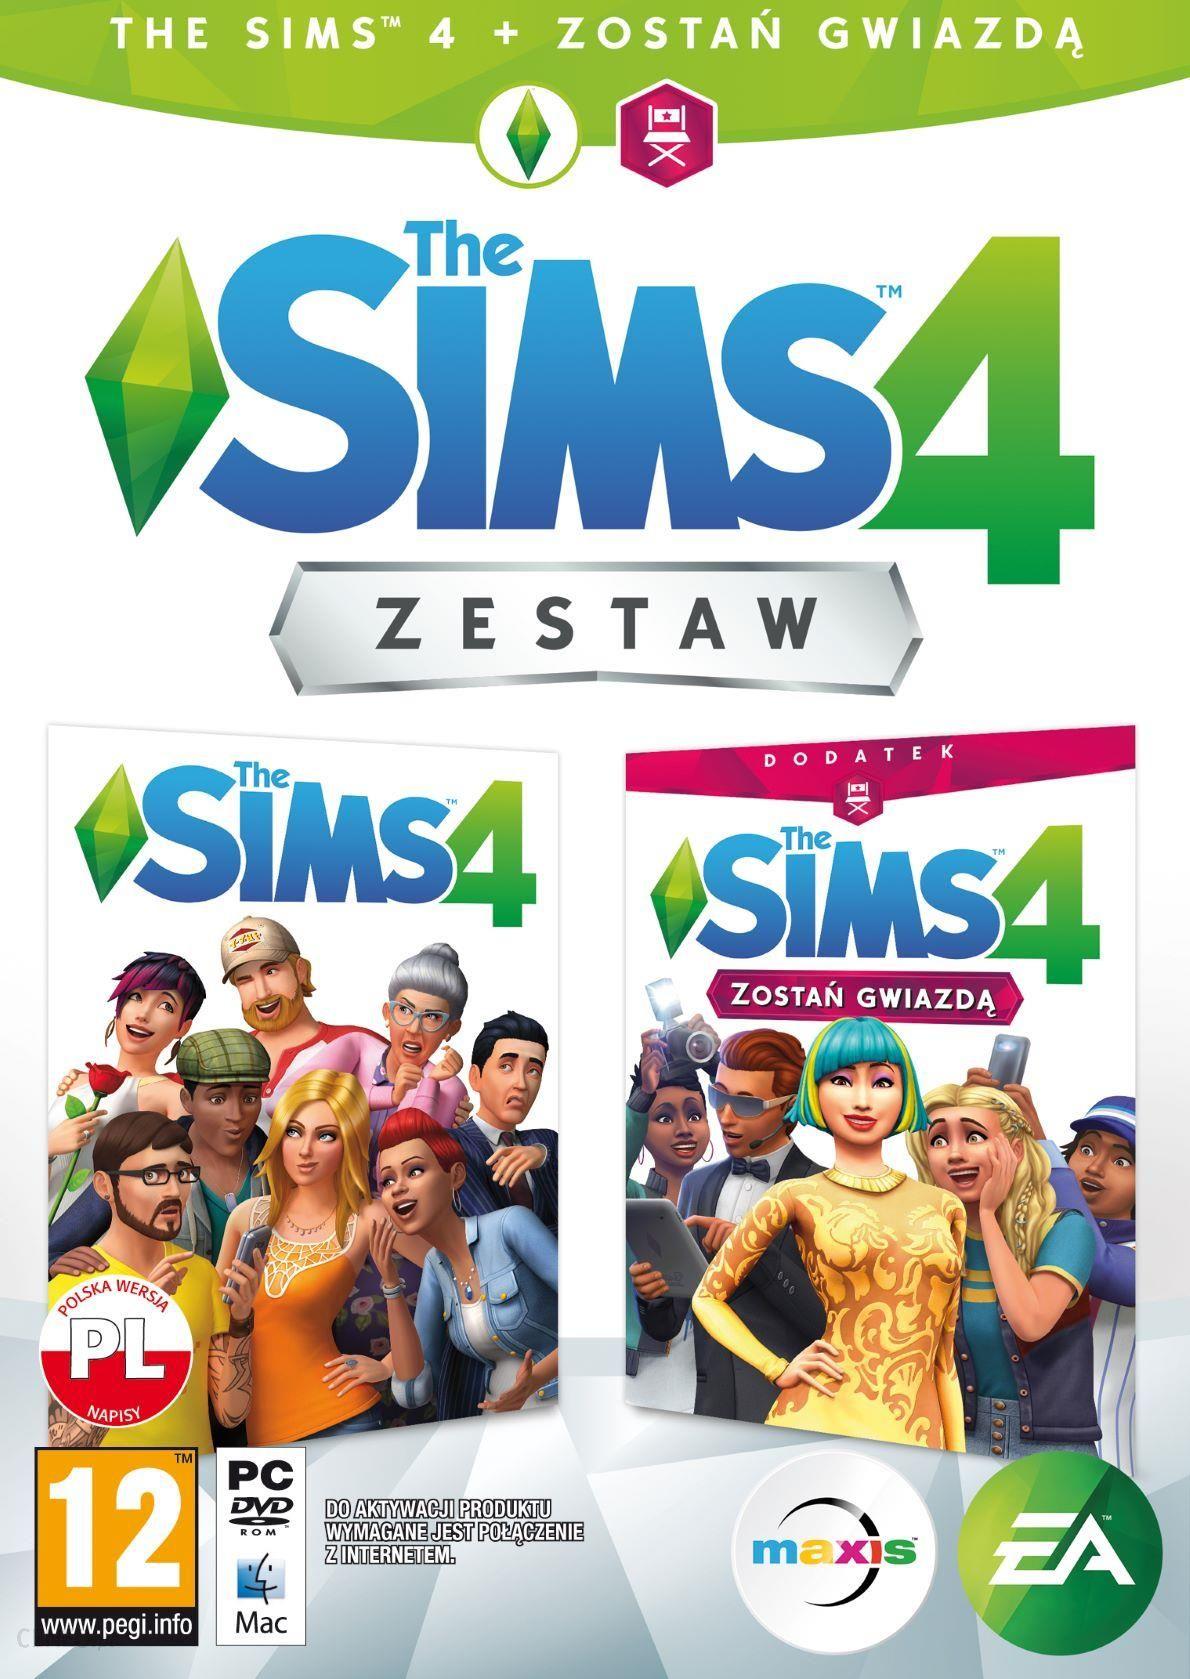 The Sims 4 Zostań Gwiazdą Digital